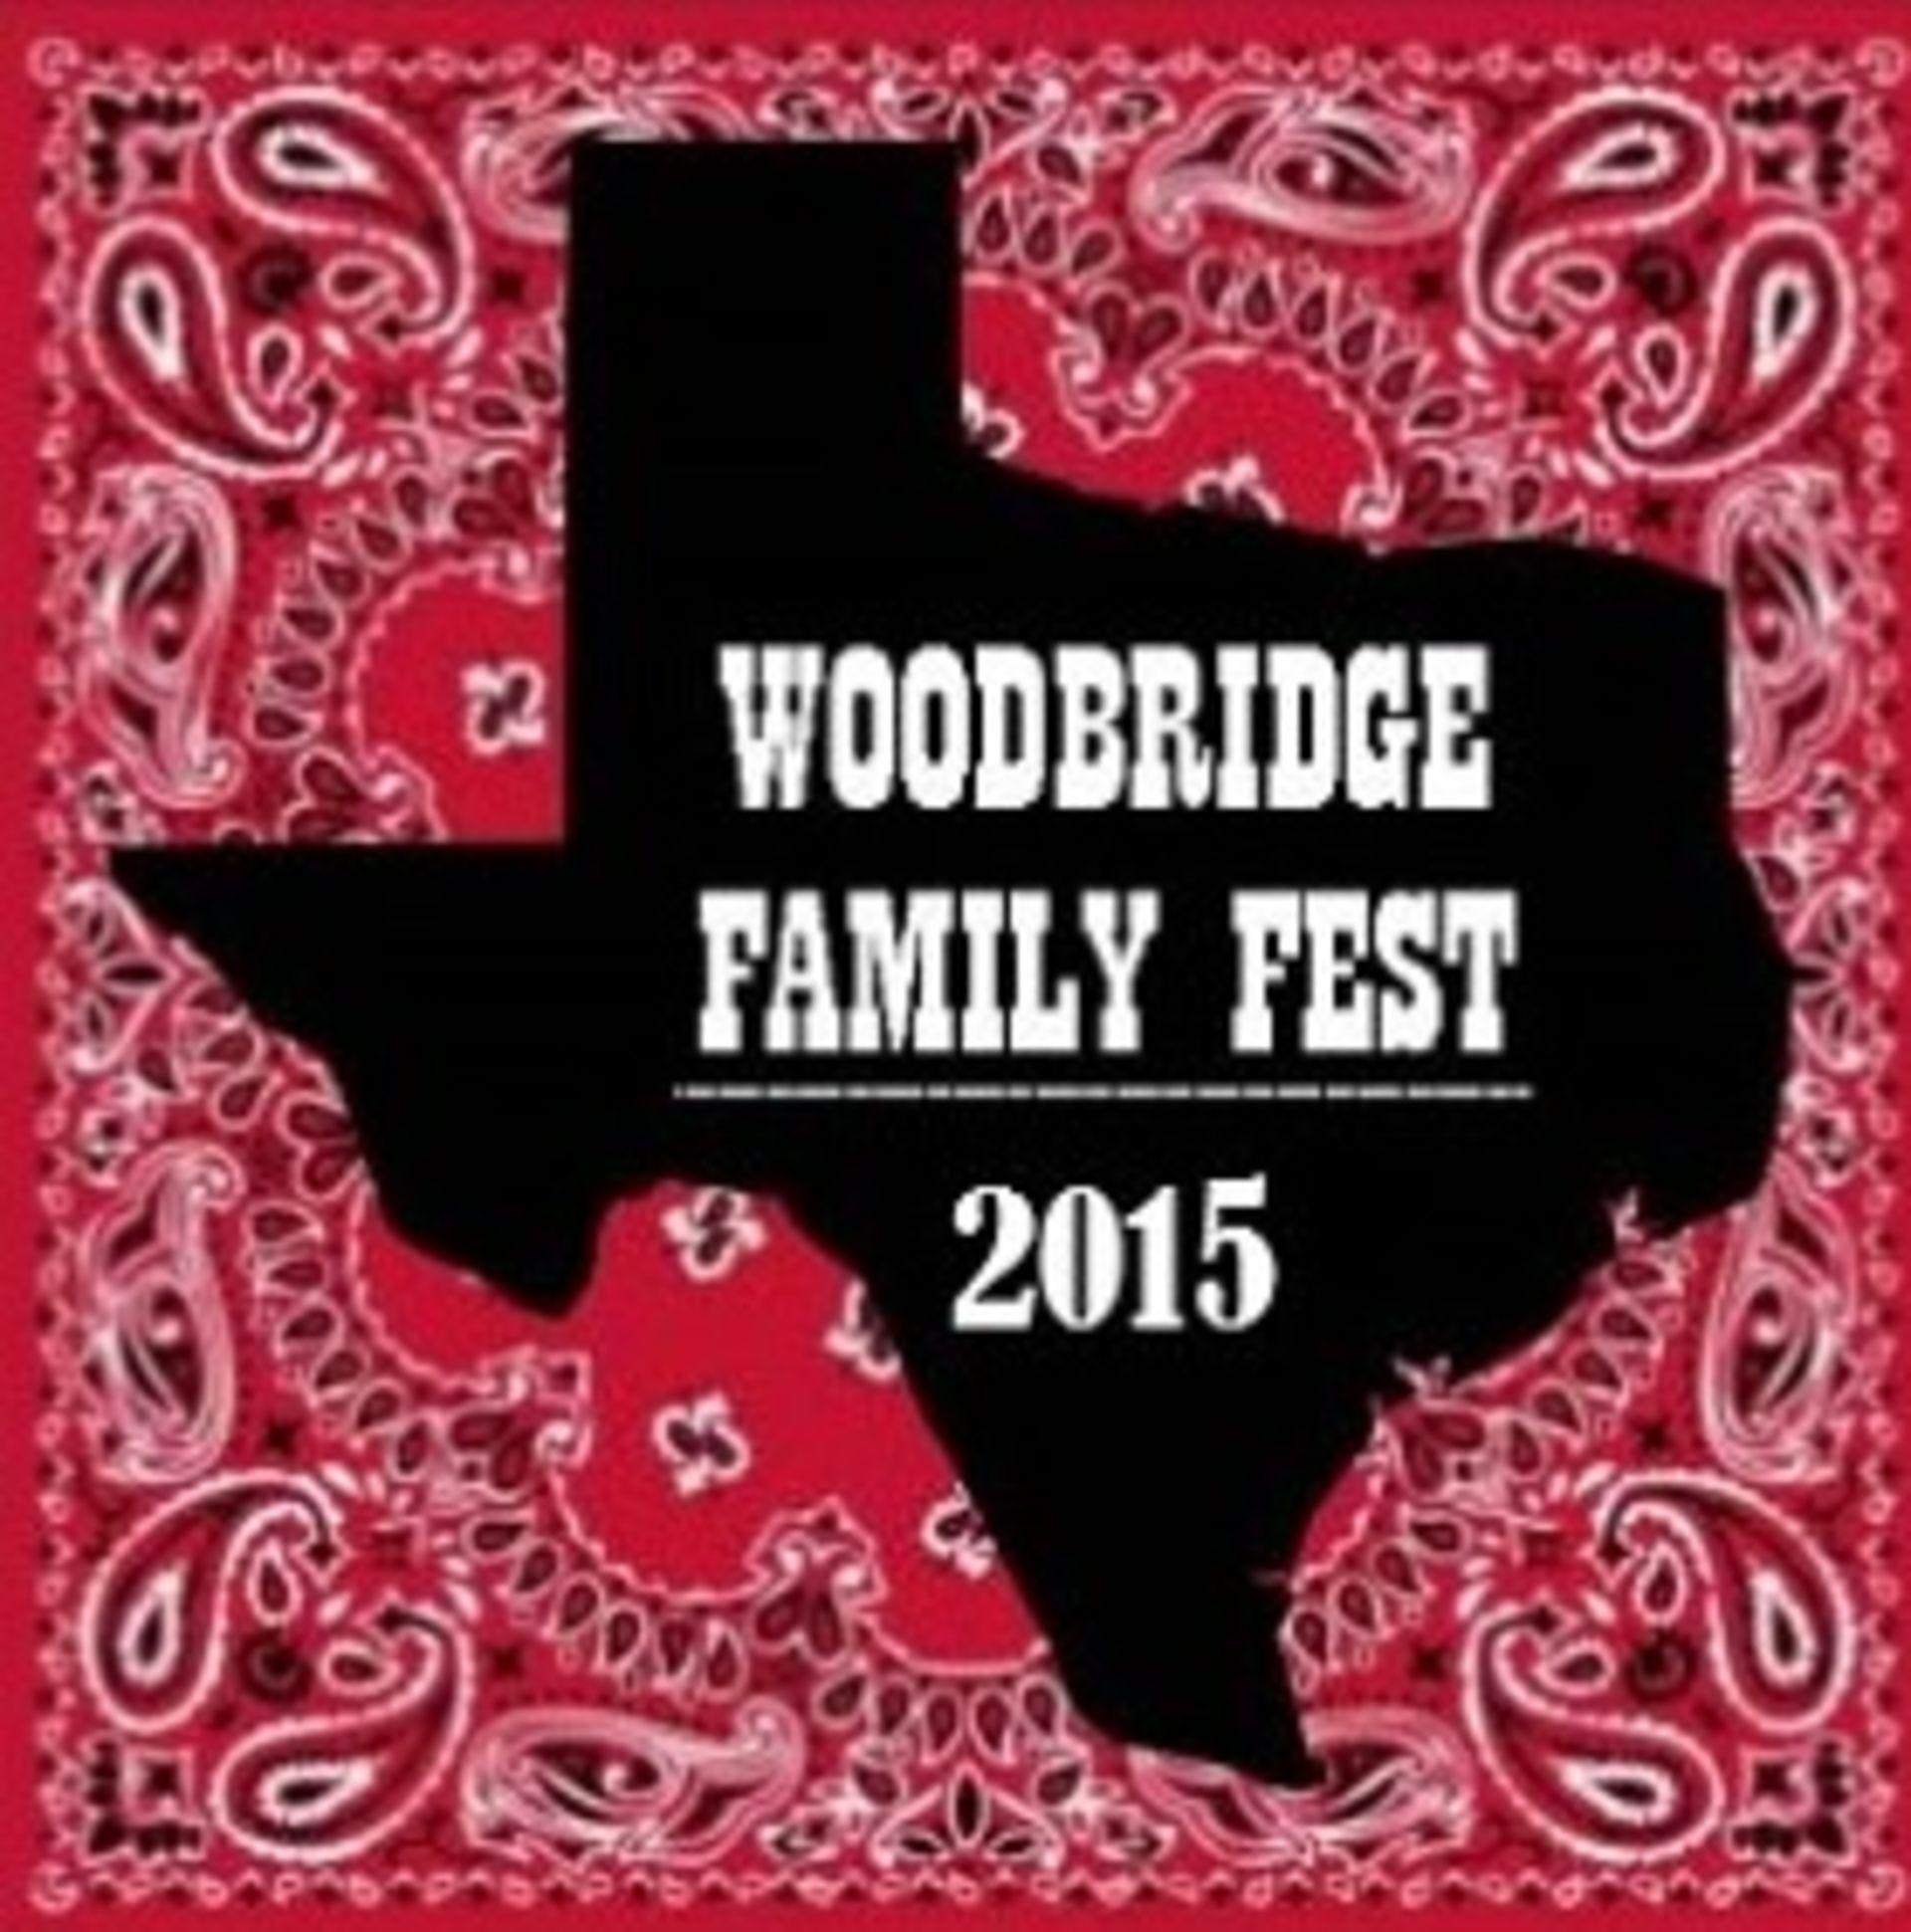 WOODBRIDGE FAMILY FEST 2015